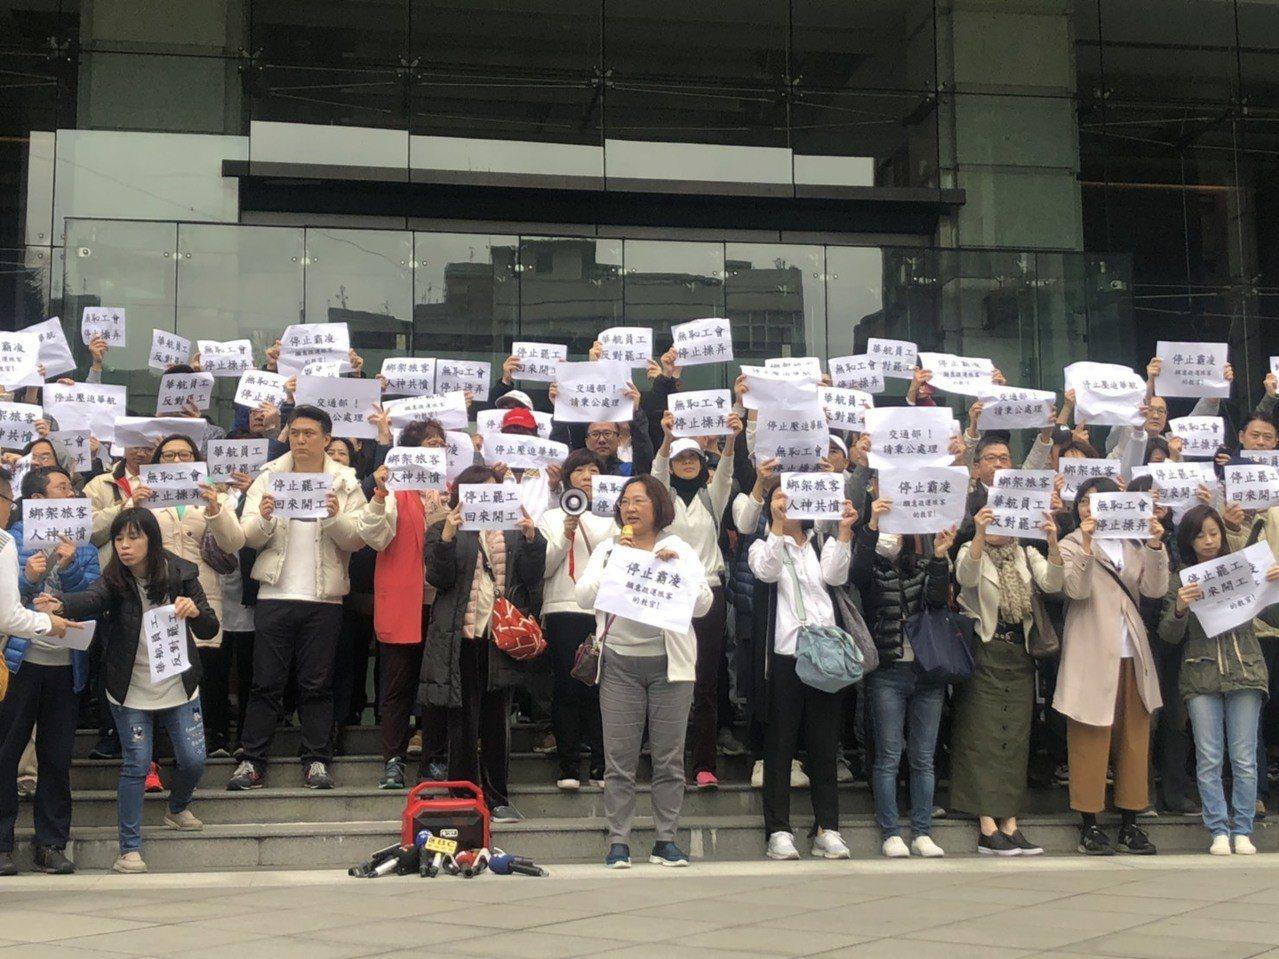 百名華航員工抗議華航機師罷工。記者侯俐安/攝影